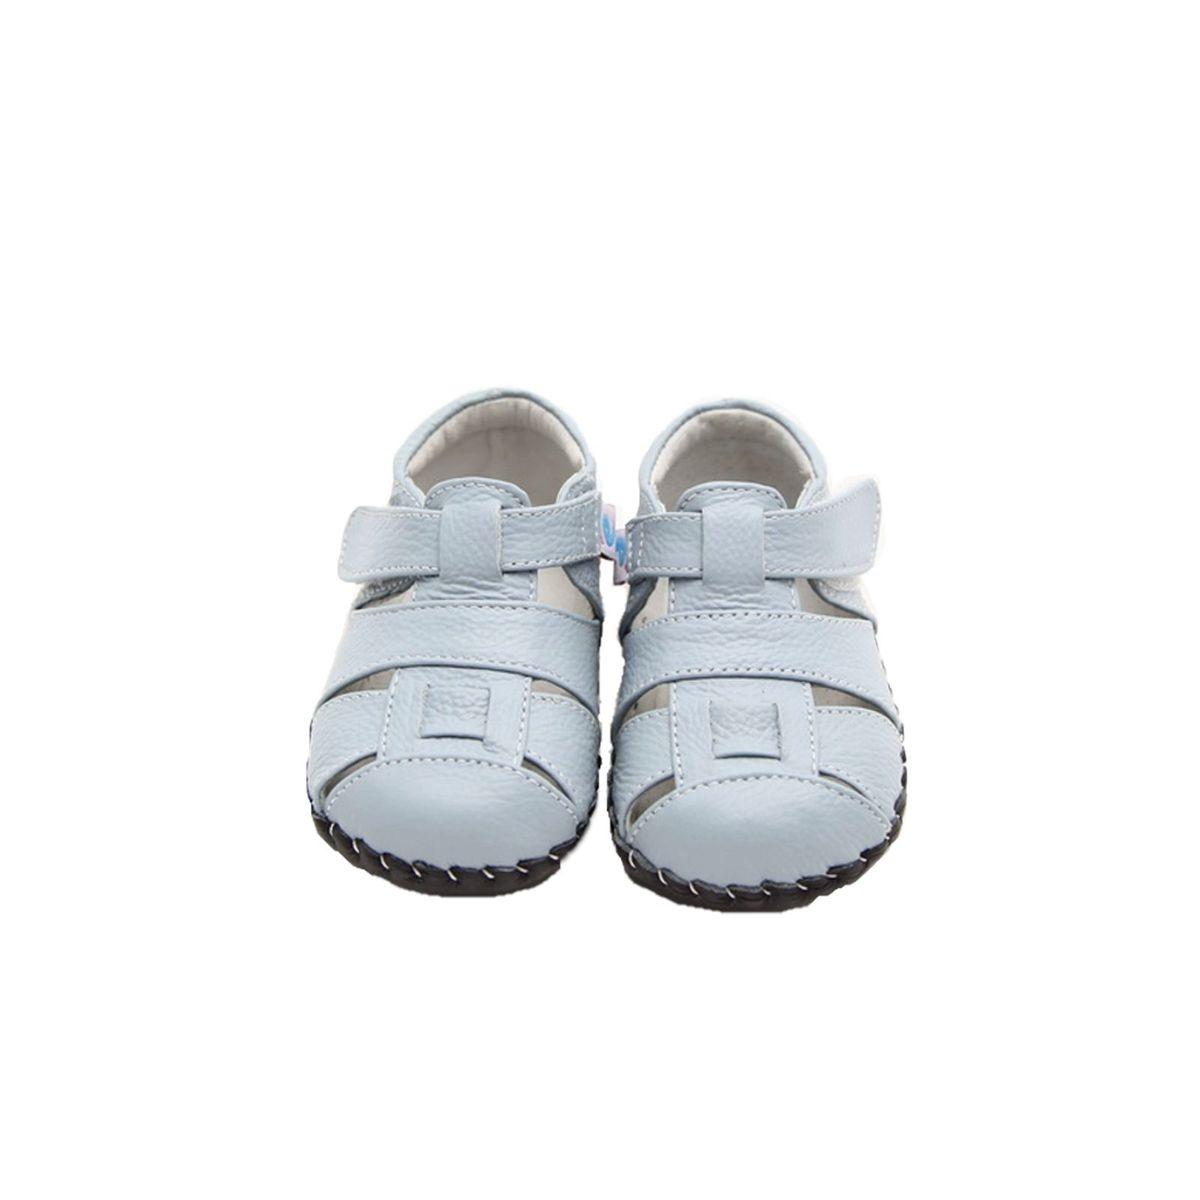 Chaussures premiers pas cuir souple sandales fermées OCEAN